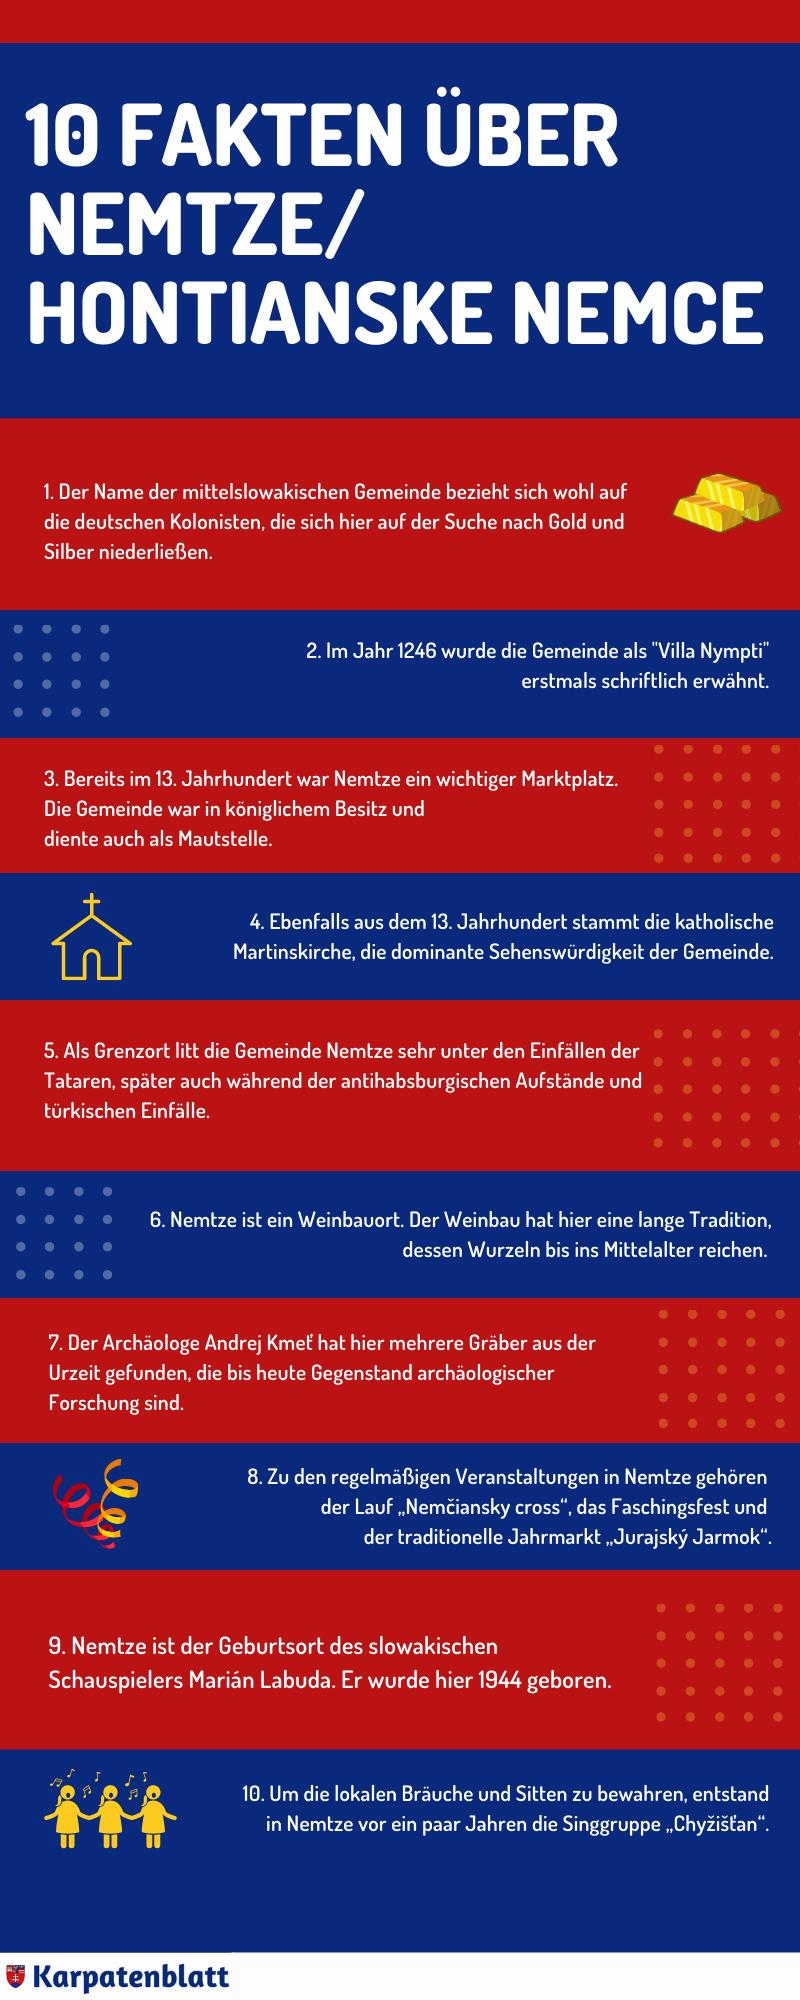 10 Fakten über Hontianske Nemce